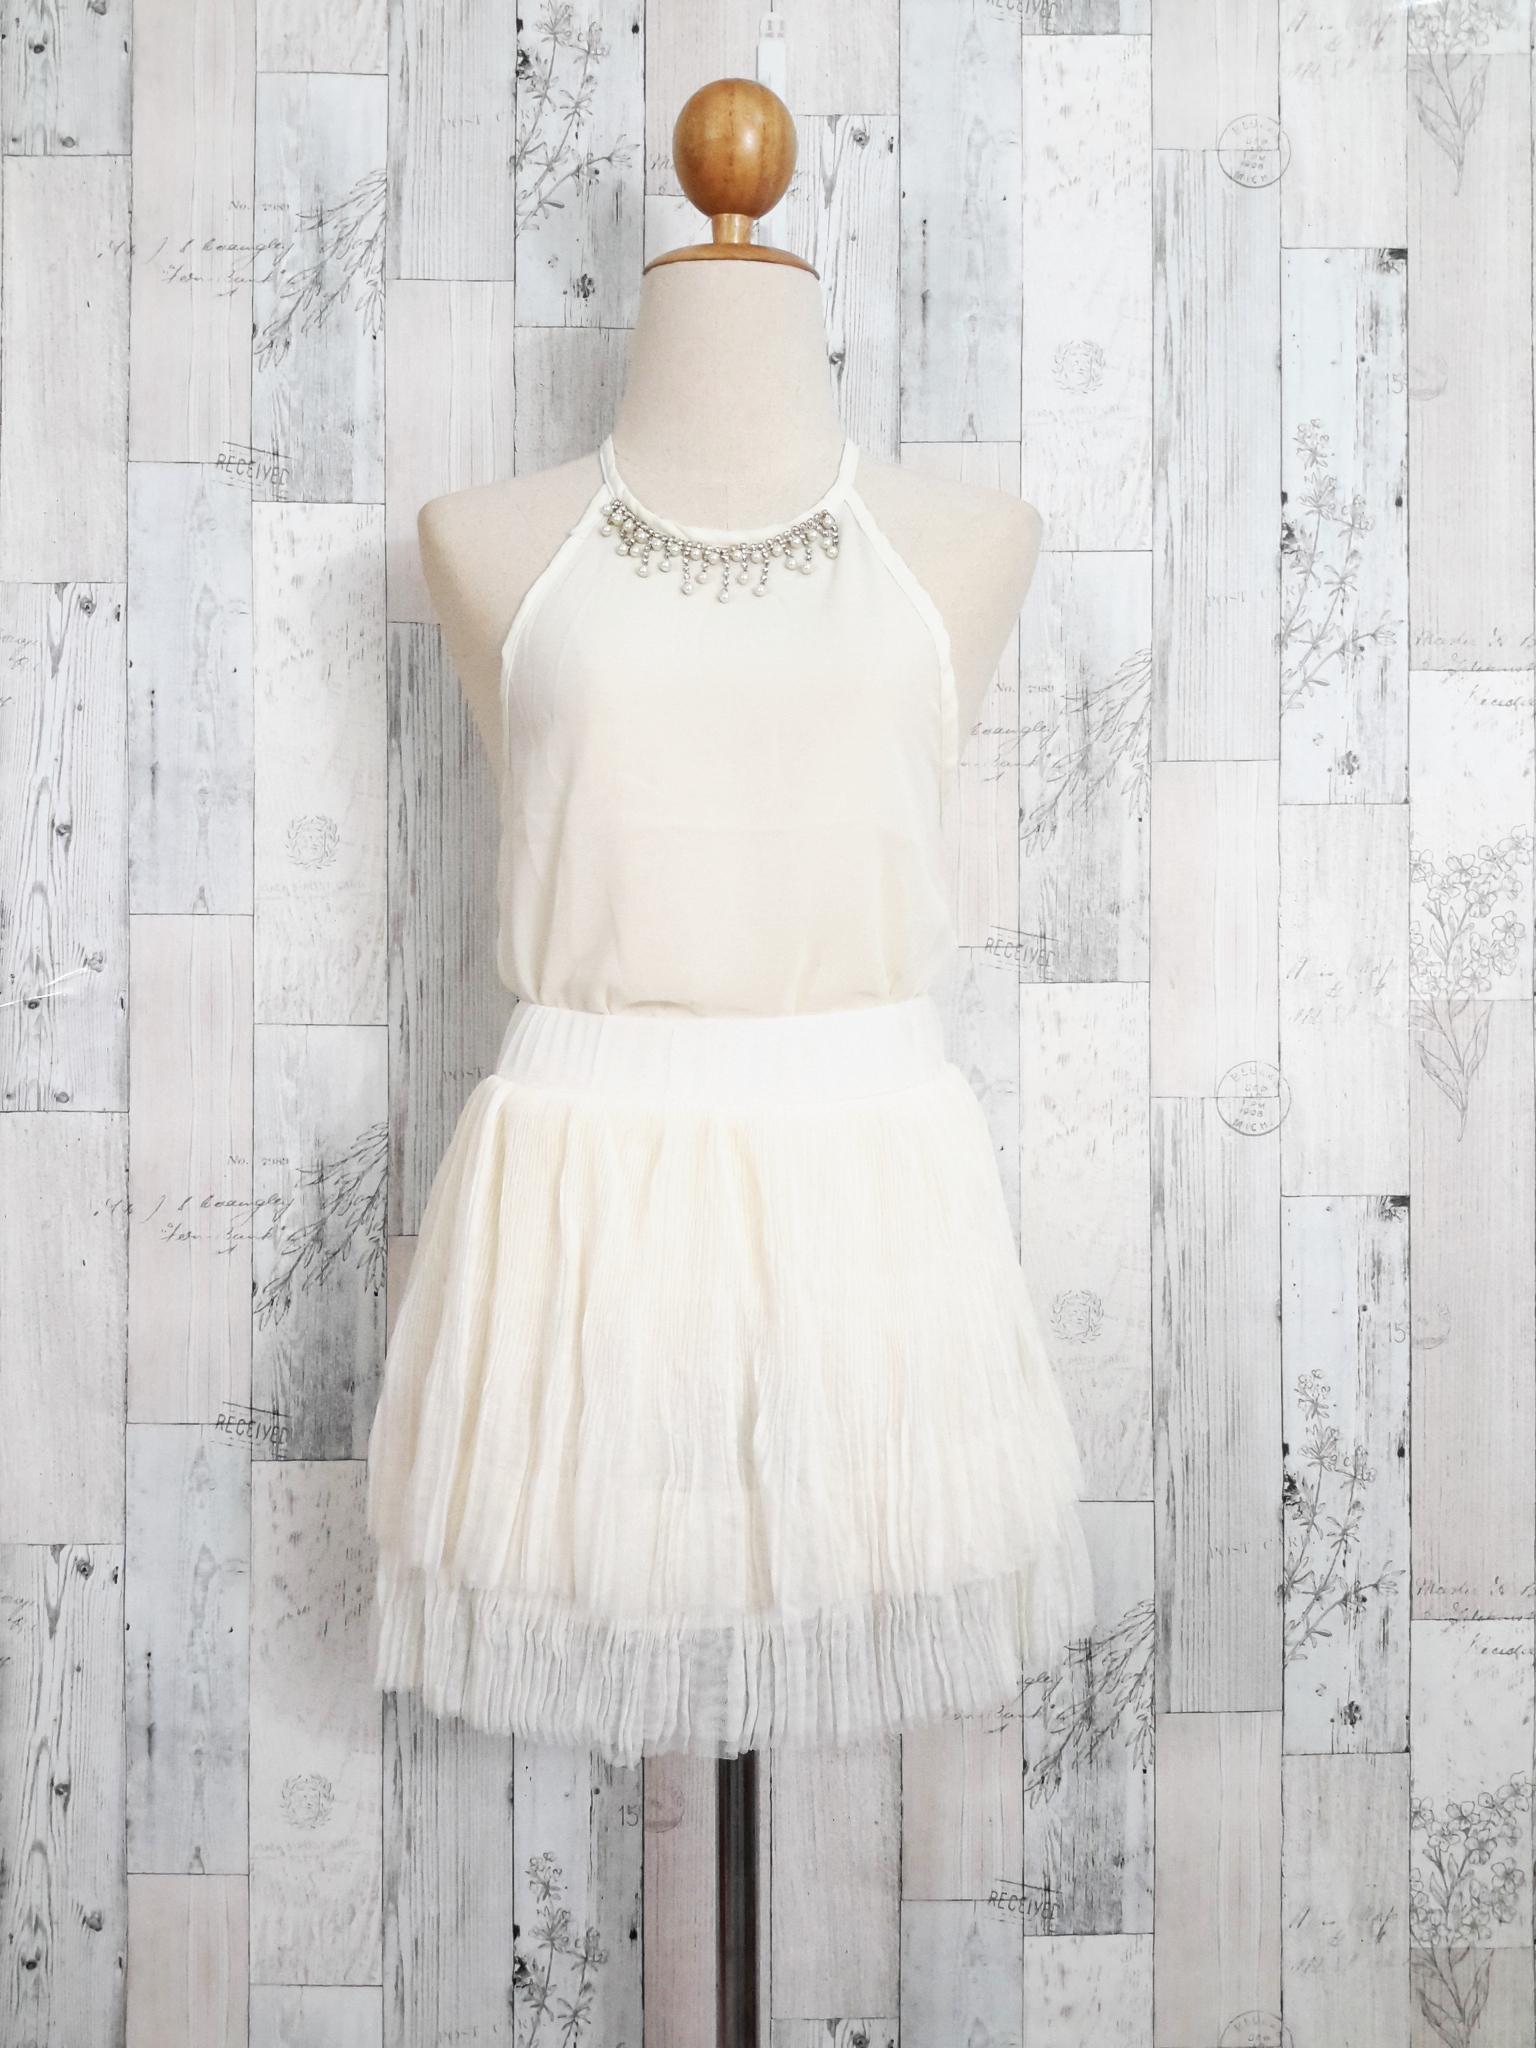 Set_bs1355 ชุดเซ็ท 2 ชิ้น(เสื้อ+กระโปรง)แยกชิ้น เสื้อสายเดี่ยวไหล่ล้ำคอแต่งเพชรหรูผ้าชีฟองสีขาวครีม+กระโปรงฟูสองชั้นผ้าชีฟองอัดพลีทสีขาวครีม